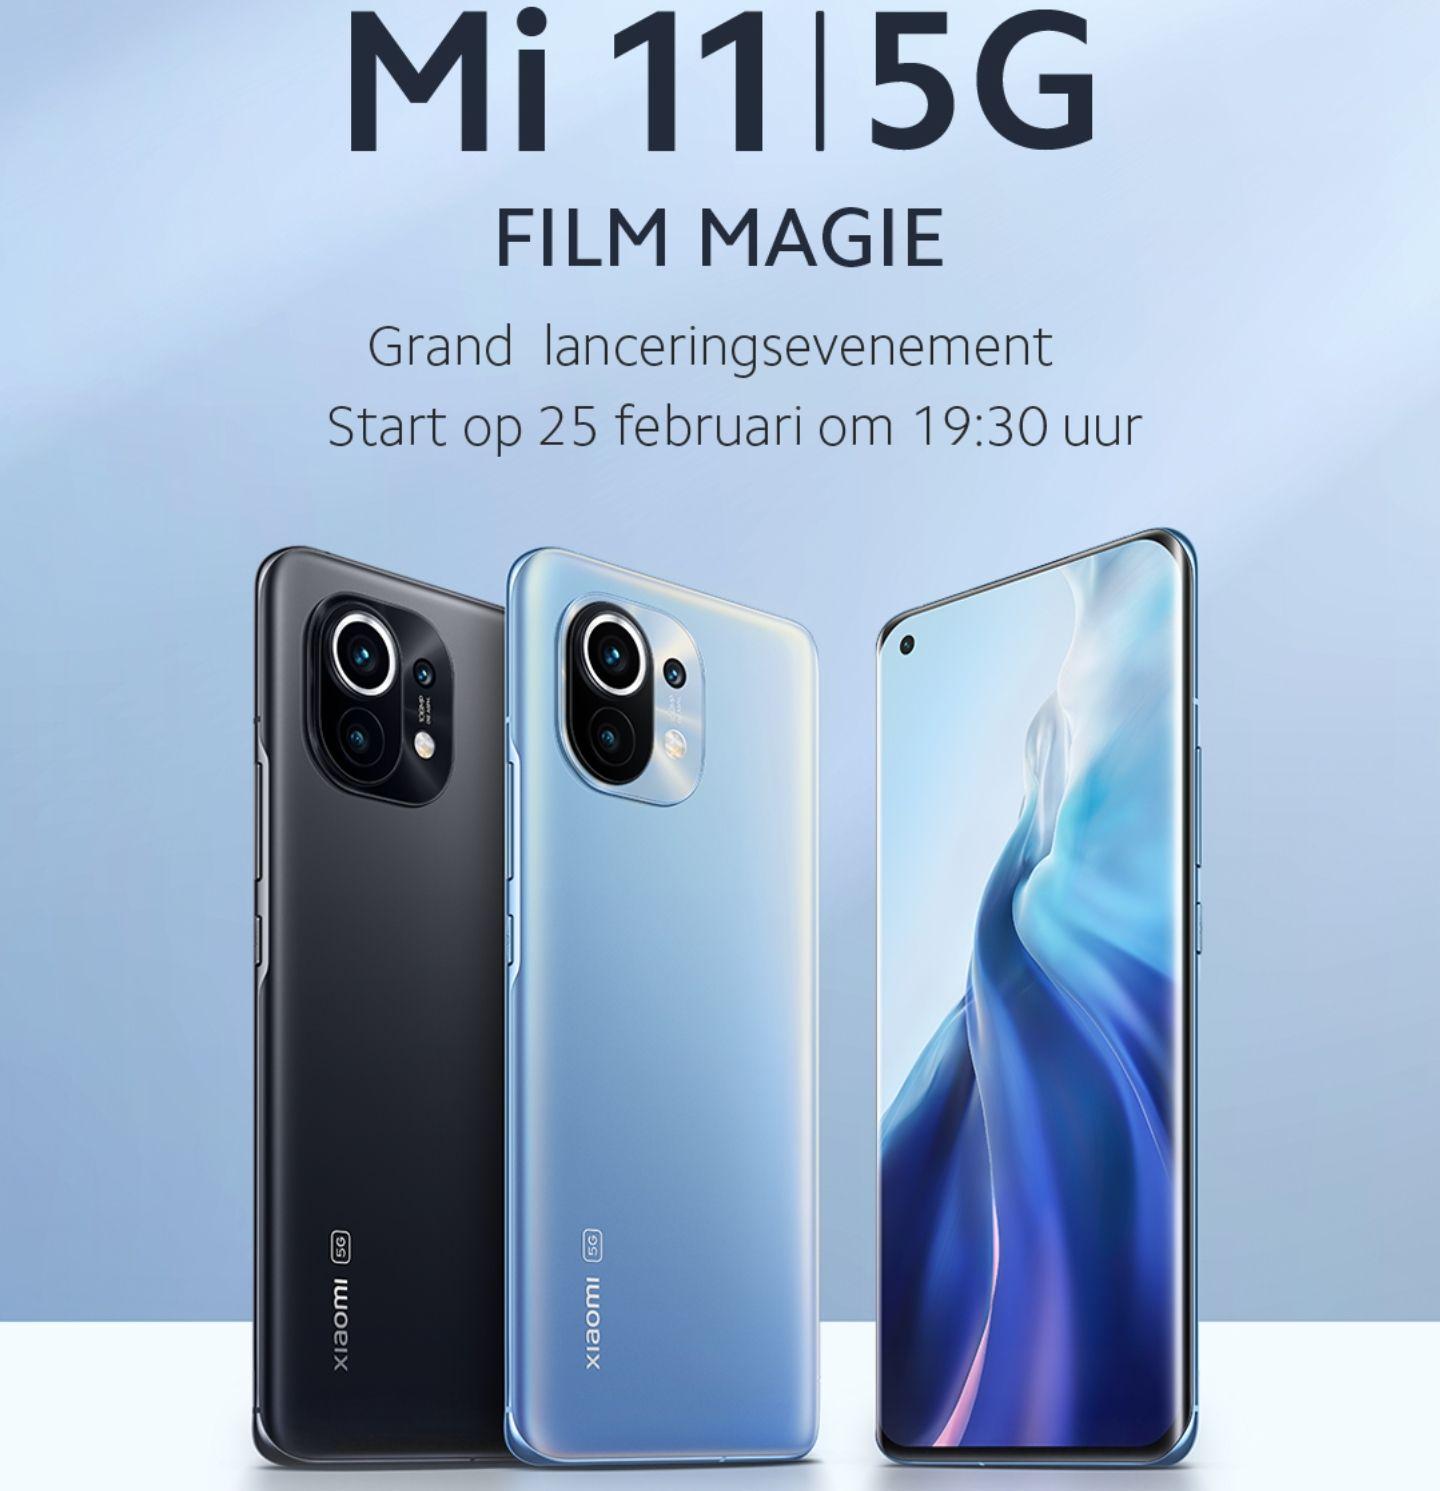 Xiaomi Mi 11 Evenement | 150€ coupon voor volgende Ankoop, Gratis Mi Band 5 + Earbuds Basic 2 & 1 jaar Displaygarantie